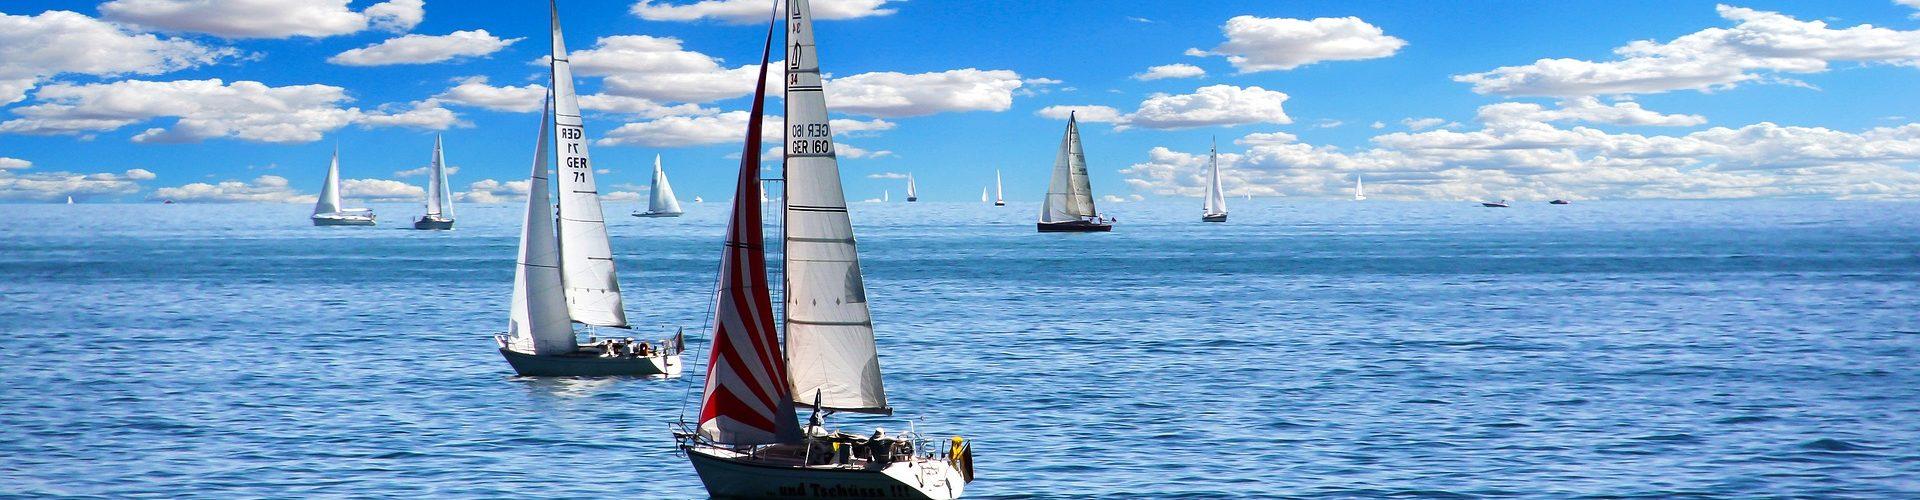 segeln lernen in Waldsee segelschein machen in Waldsee 1920x500 - Segeln lernen in Waldsee